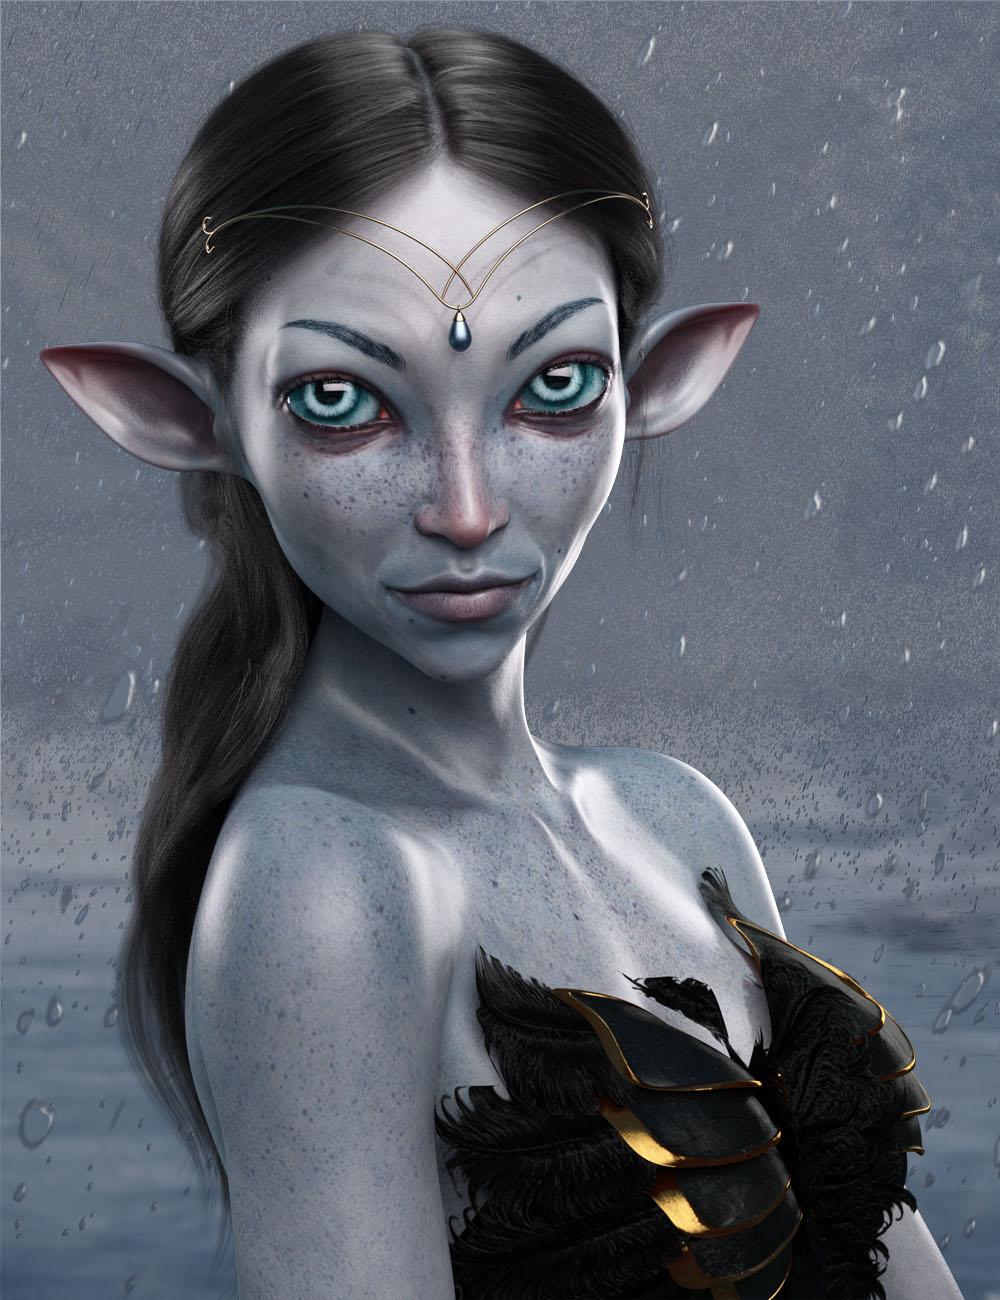 Winter Fae HD for Genesis 8 Female by: Josh Crockett, 3D Models by Daz 3D